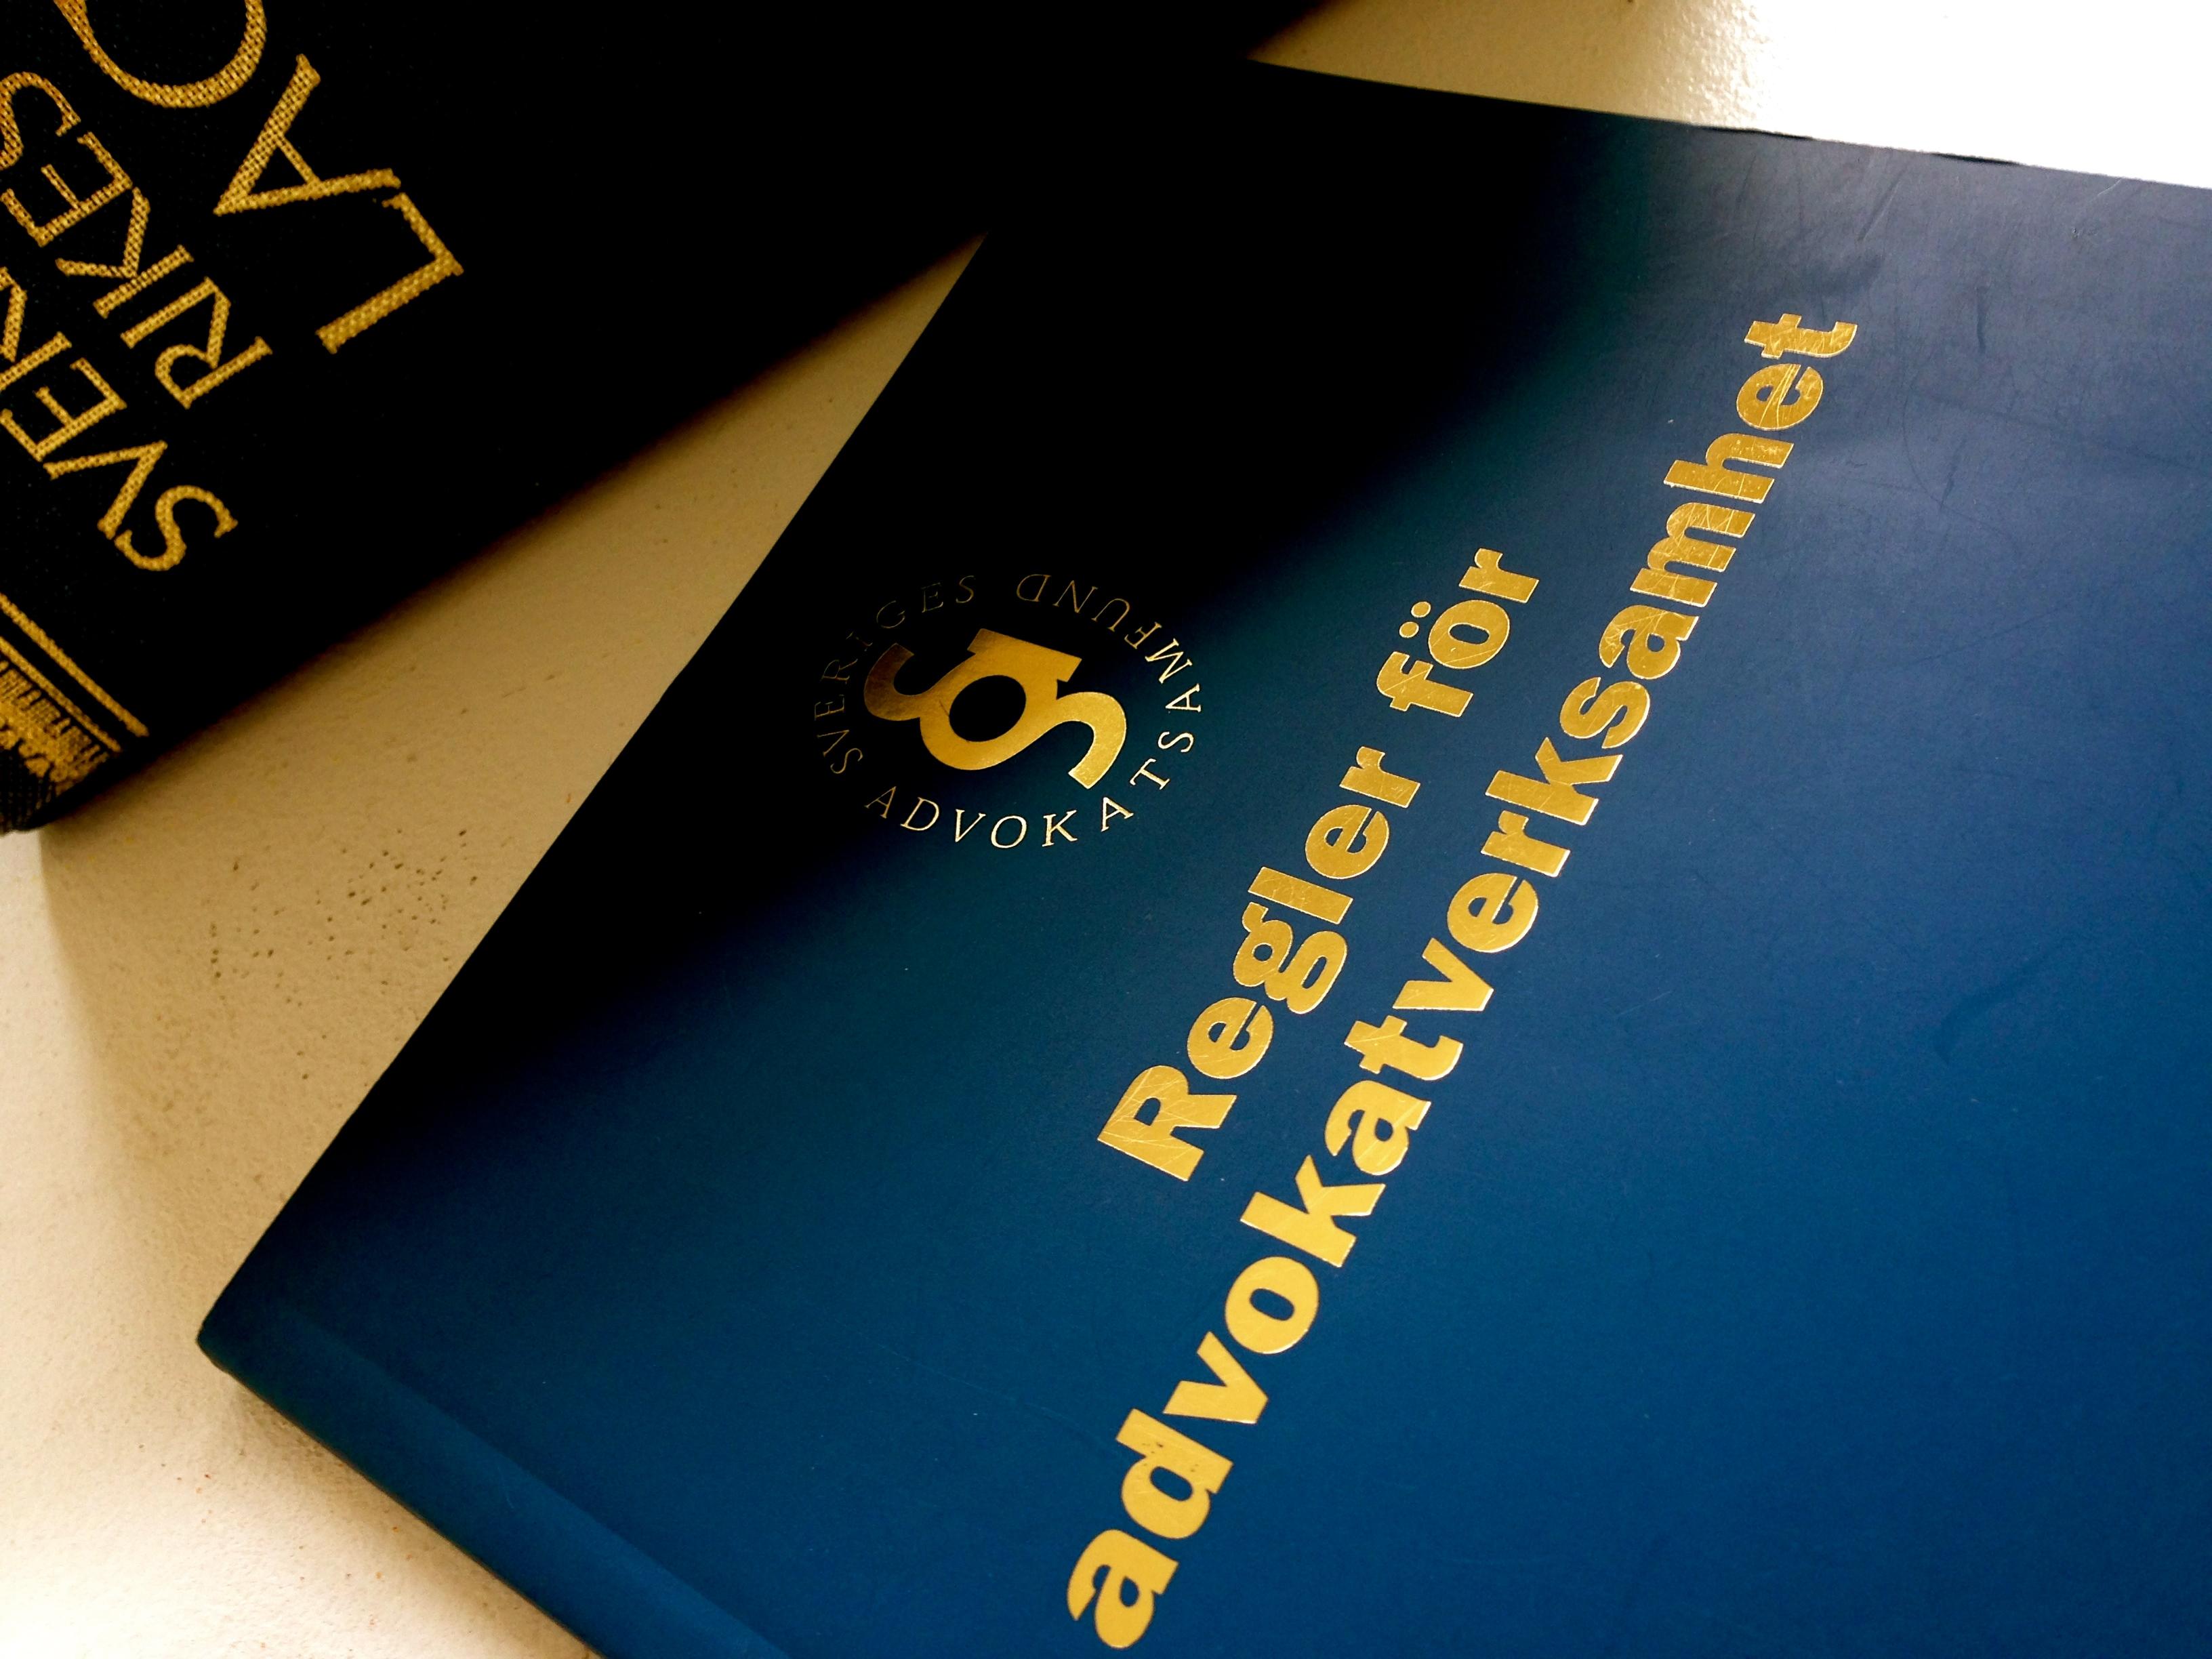 Två mörkblåa böcker ligger bredvid varandra. Fokus är främst på boken Regler För Advokatverksamhet och boken Sverige Rikets Lag visas i bakgrunden.